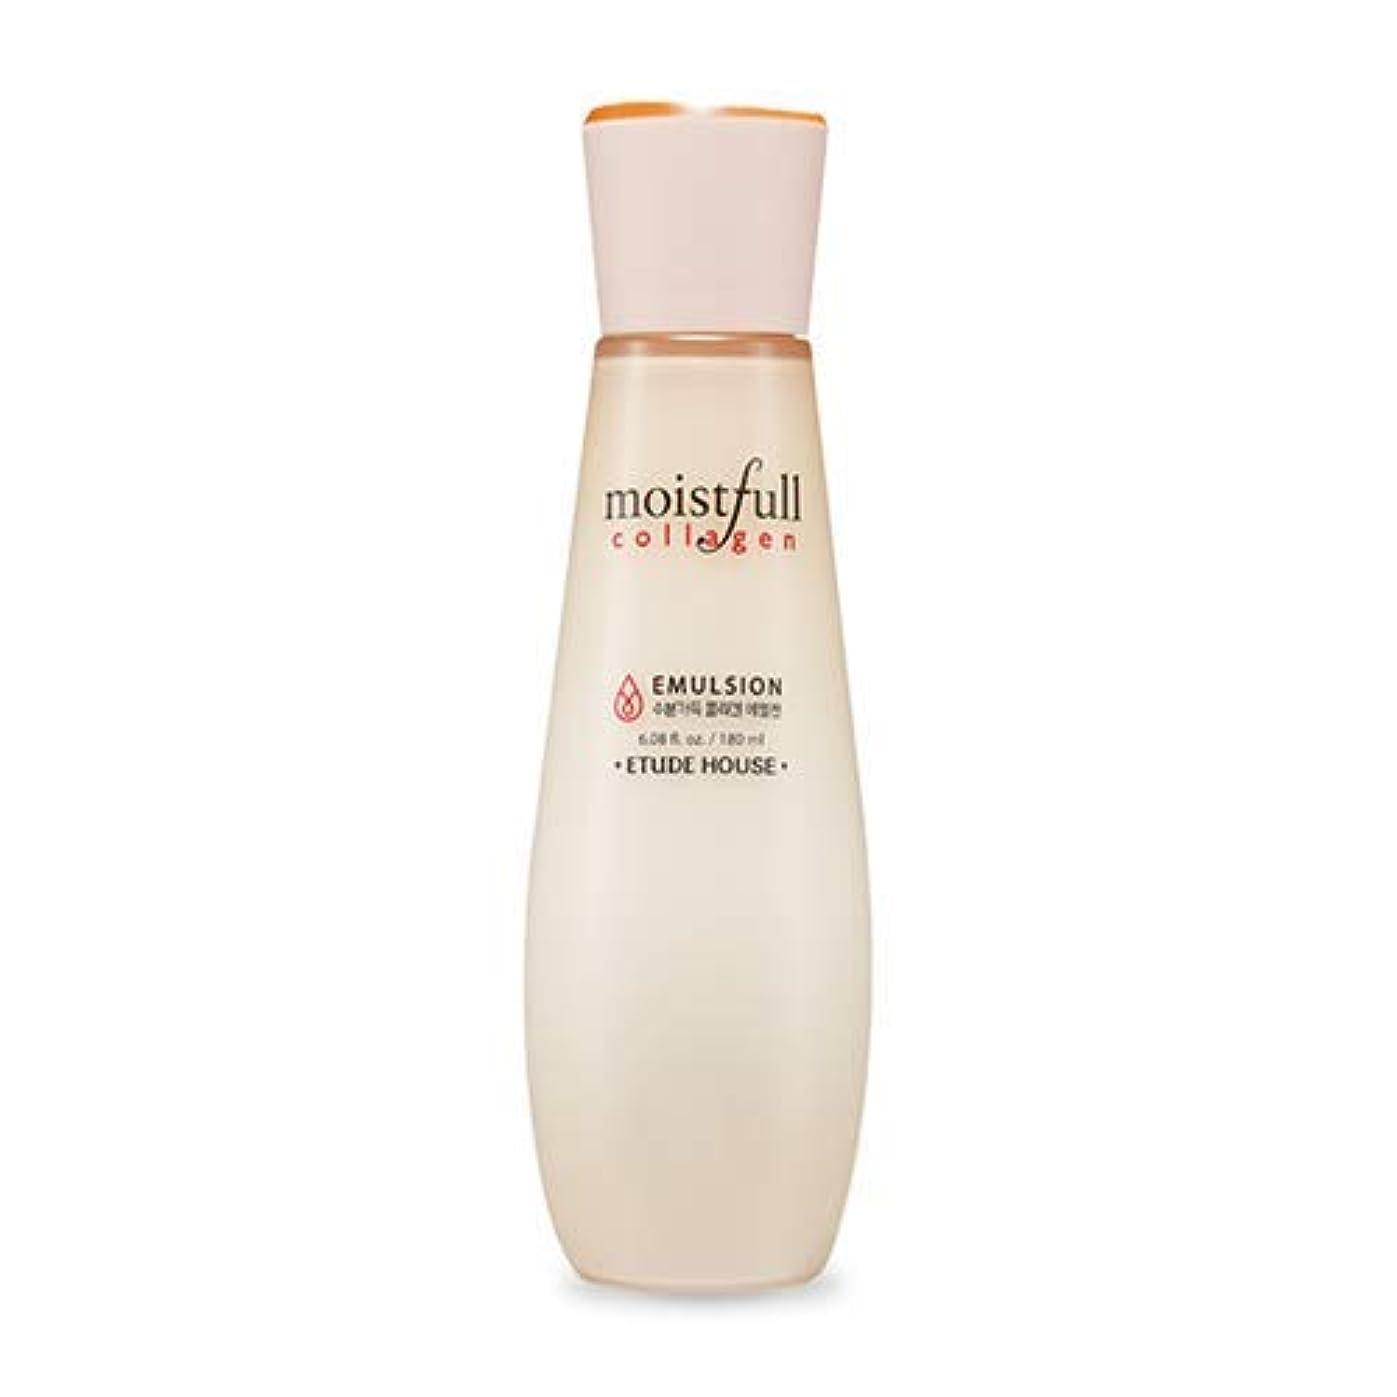 下ポジティブリラックス[エチュードハウス] ETUDE HOUSE [モイストフルコラーゲン基礎化粧品 スキン/ローション ] (ETUDE HOUSE Moistfull Collagen Skin/Lotion) (02 Moistfull Collagen Emulsion ) [並行輸入品]